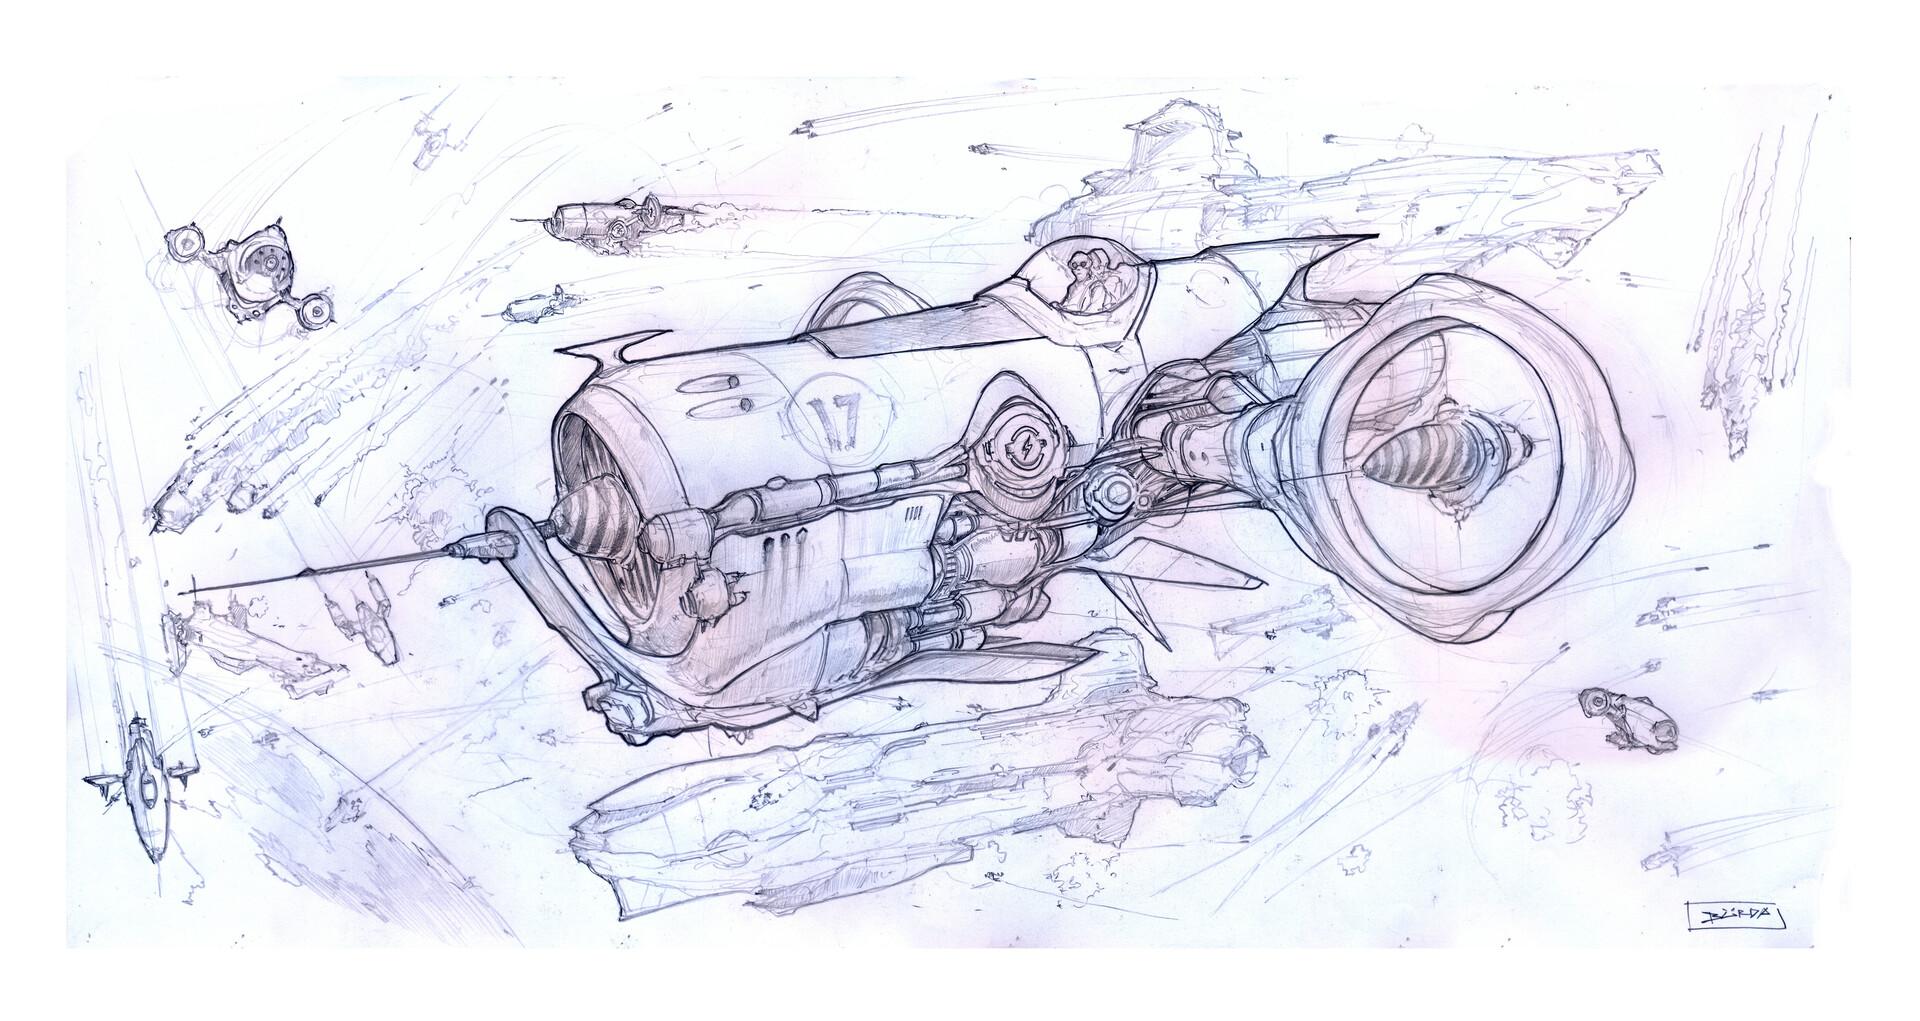 Alejandro burdisio batalla sketch1